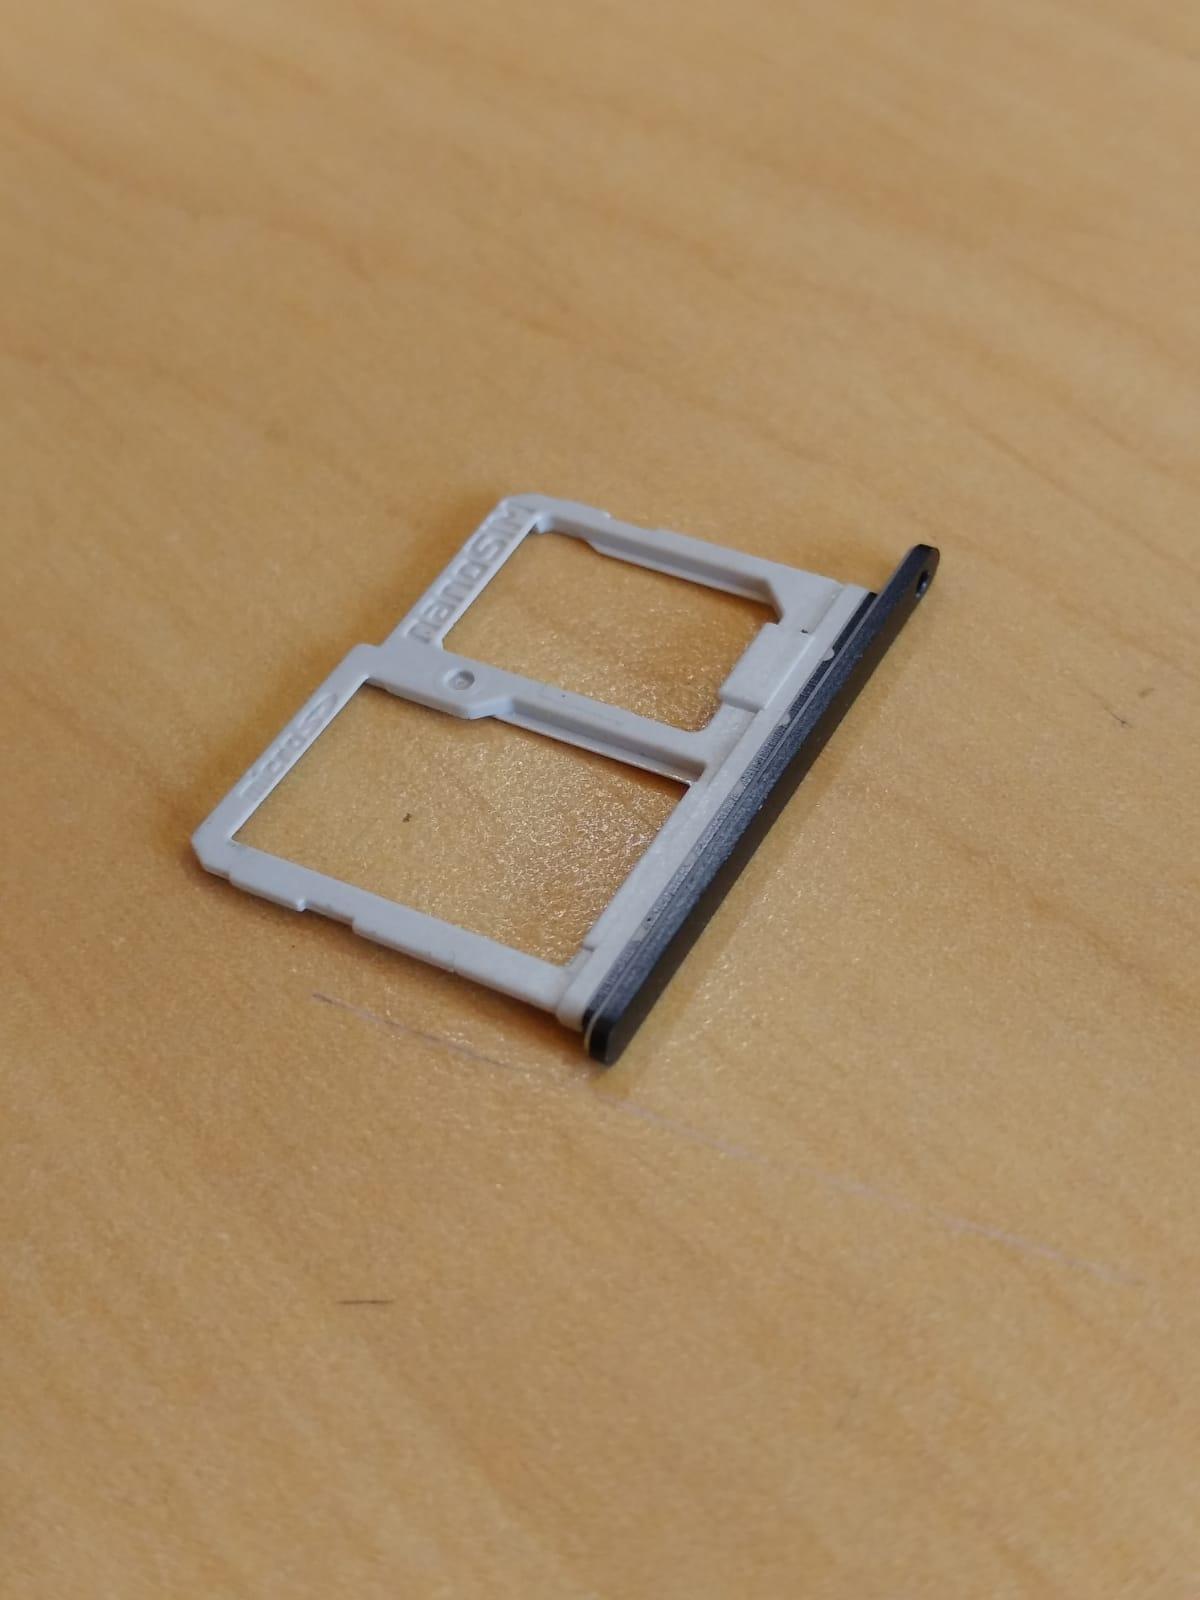 Slot / Bandeja Do Chip LG Preta Celular Q6 Q6+ M700 Original